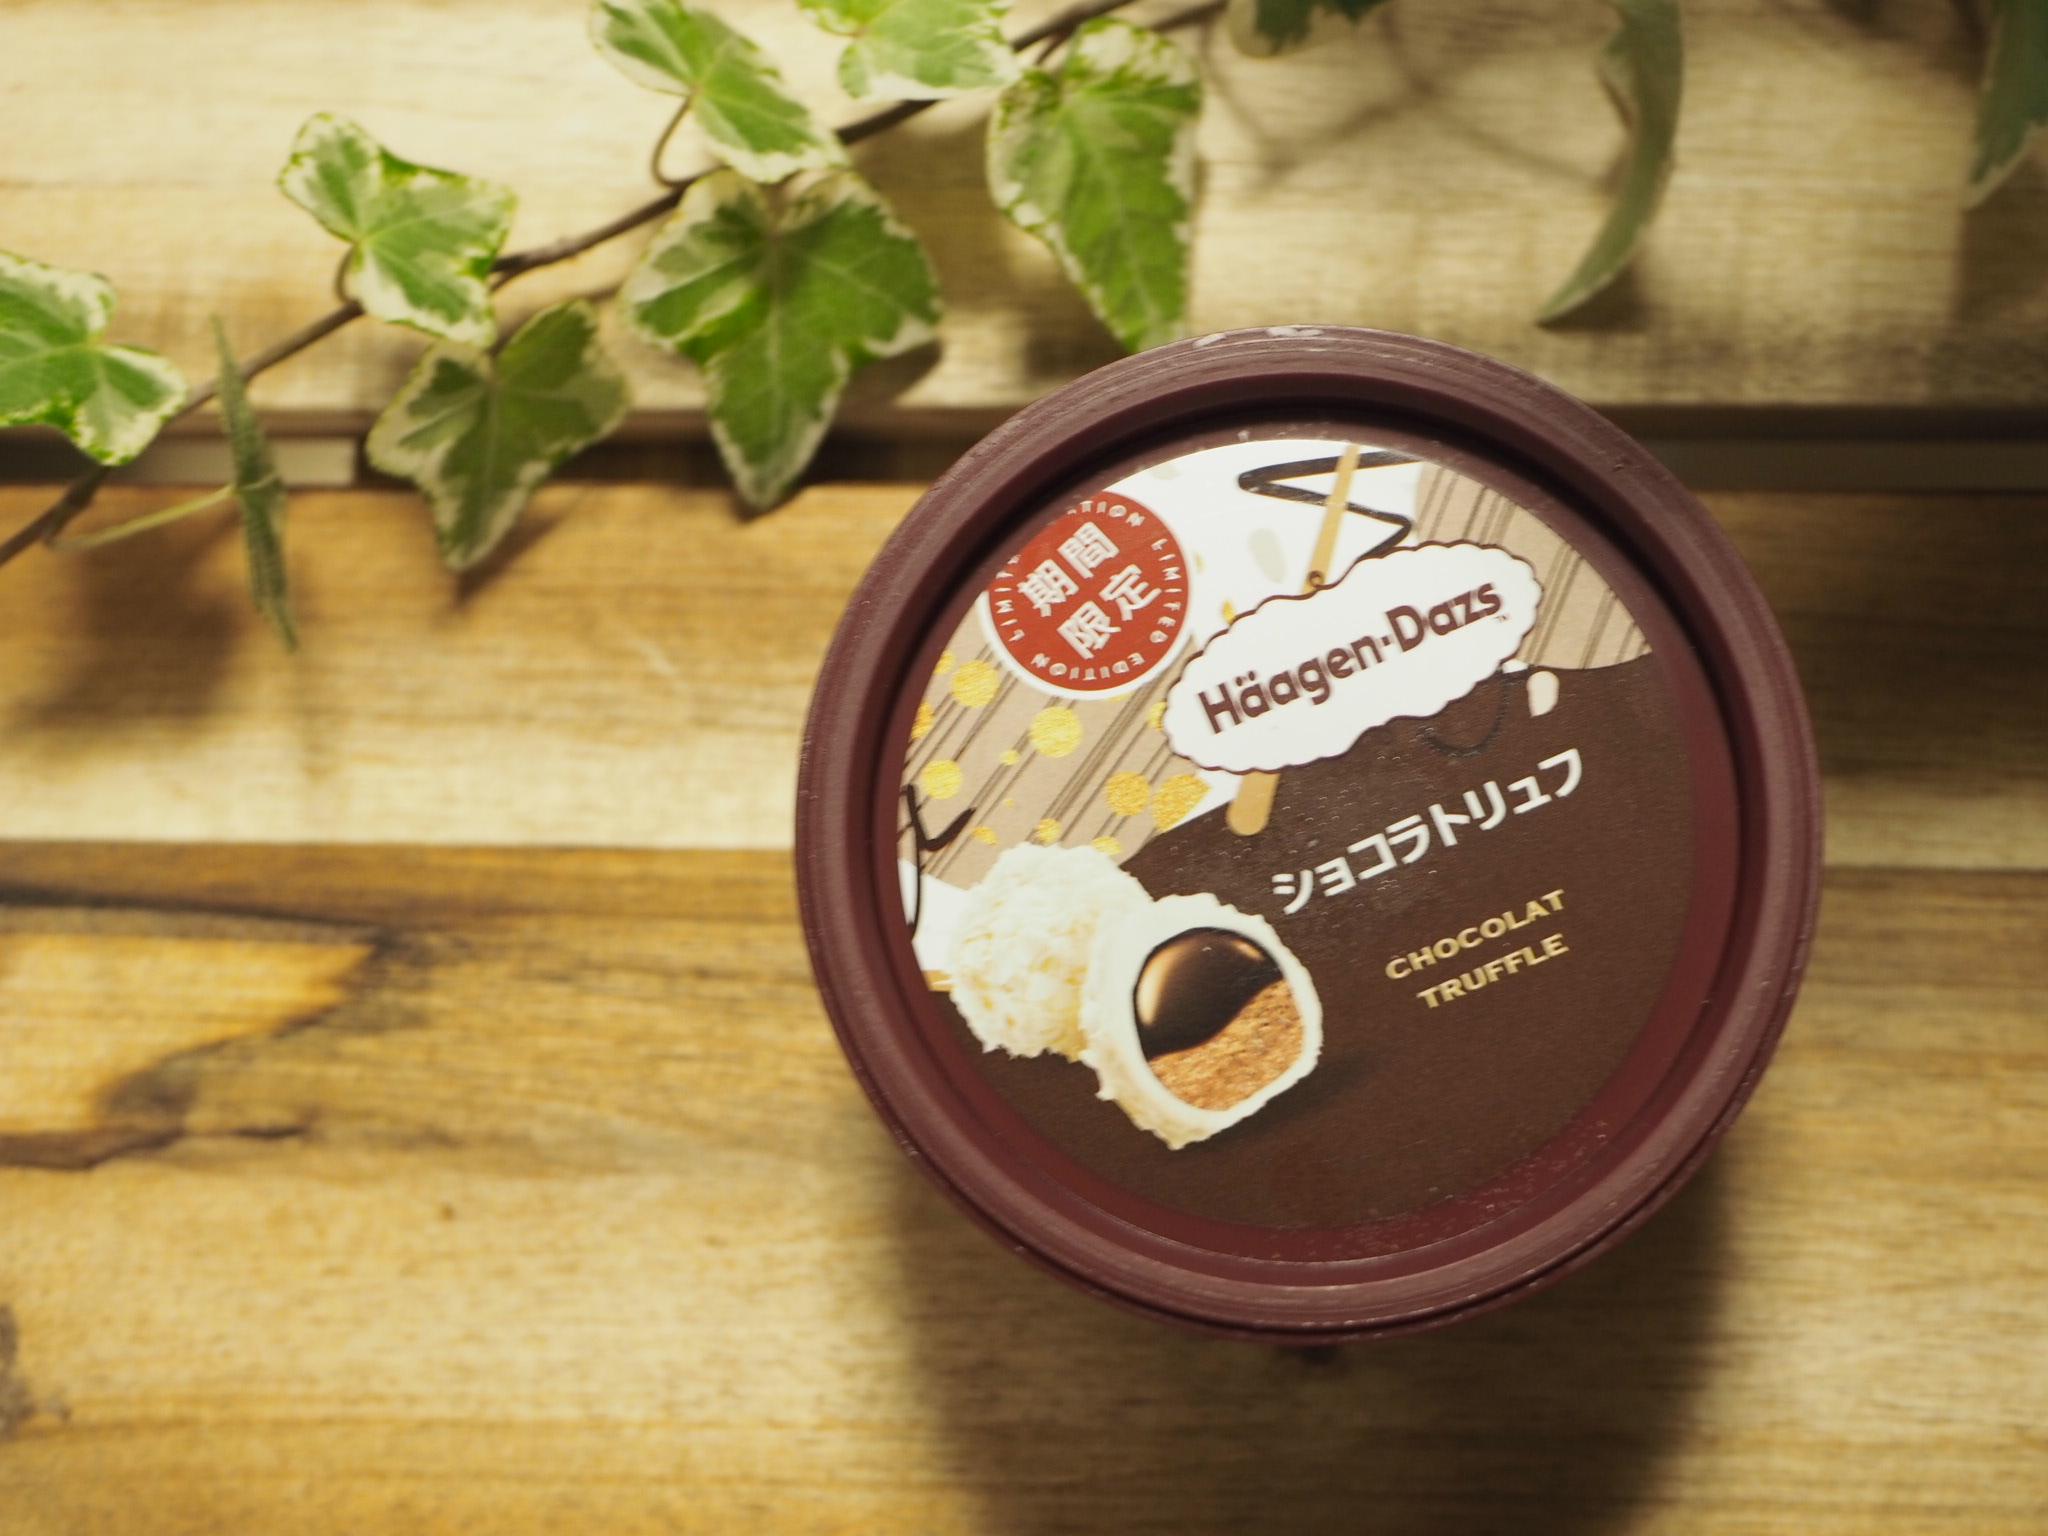 チョコ好き必見!【ハーゲンダッツ期間限定】3種類のチョコレートとパリパリ食感を楽しめる《ショコラトリュフ》♡_1